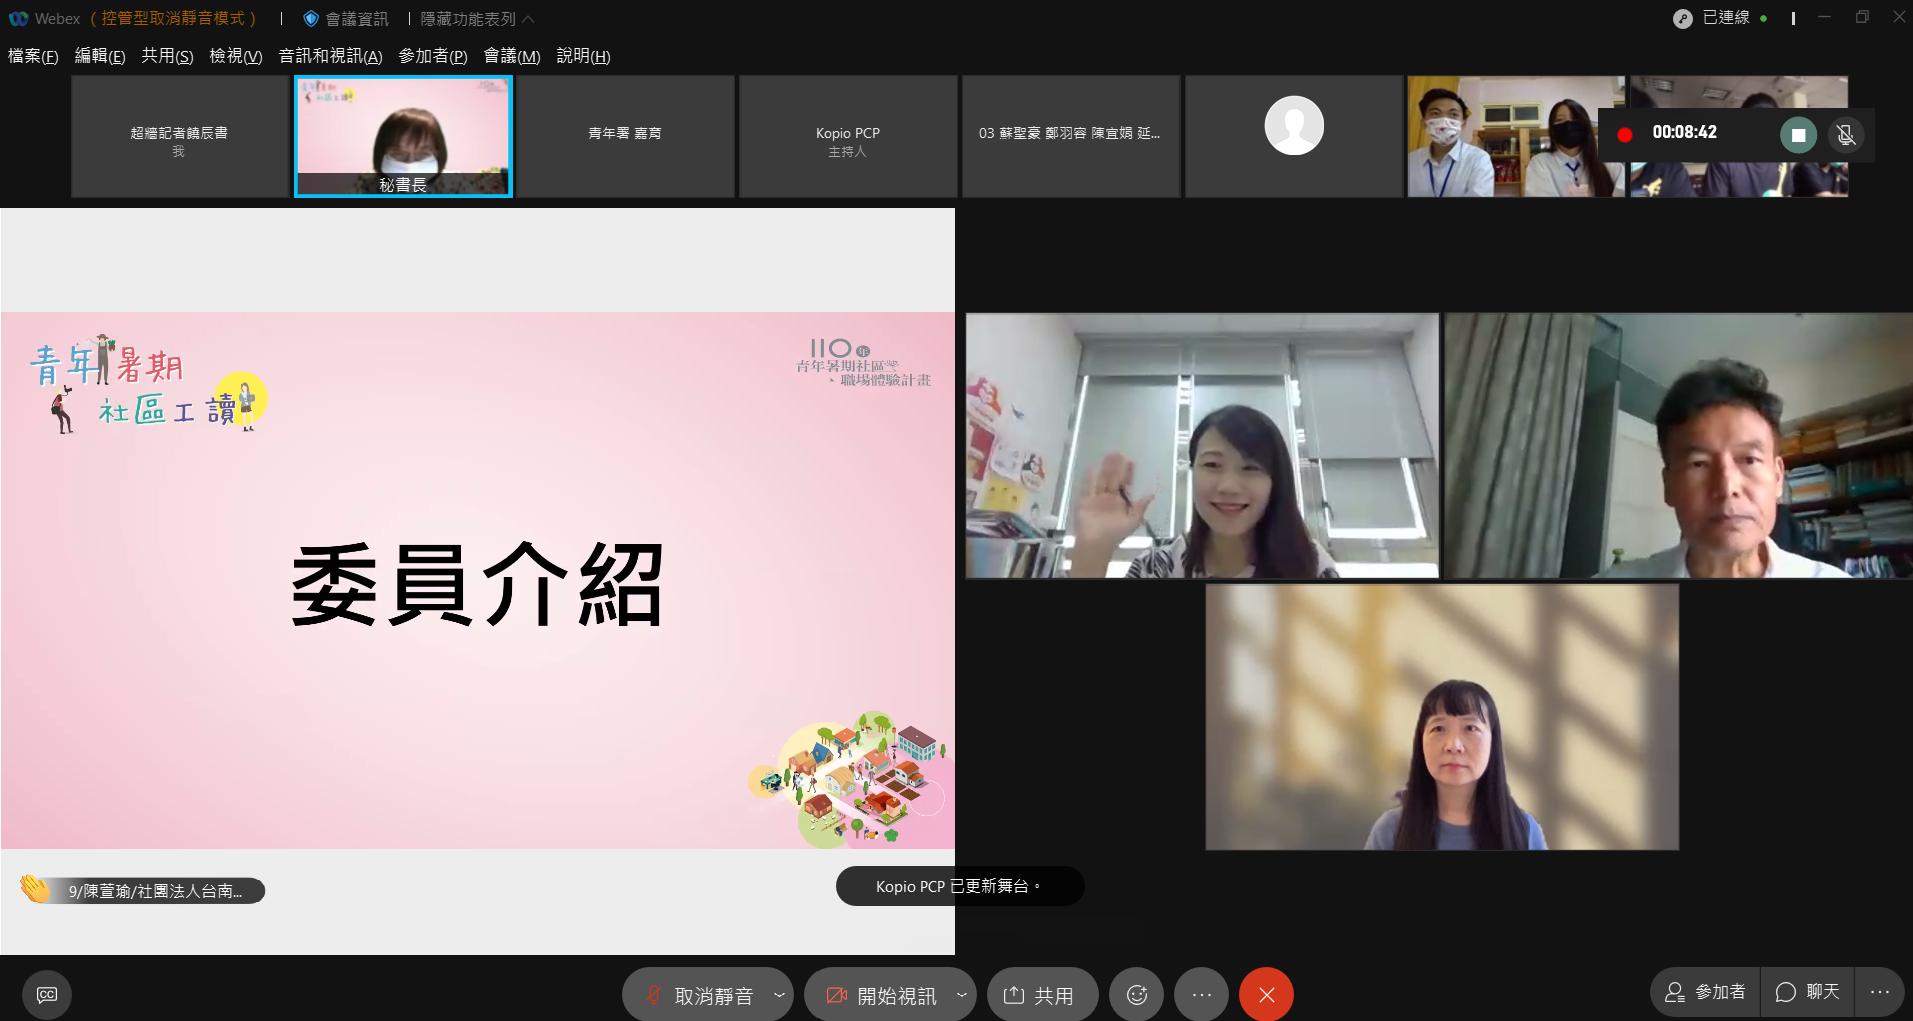 圖四:臺南場的三位評審委員,分別是蘇小真(左上)、李永展(右上)、吳佳霖(下)